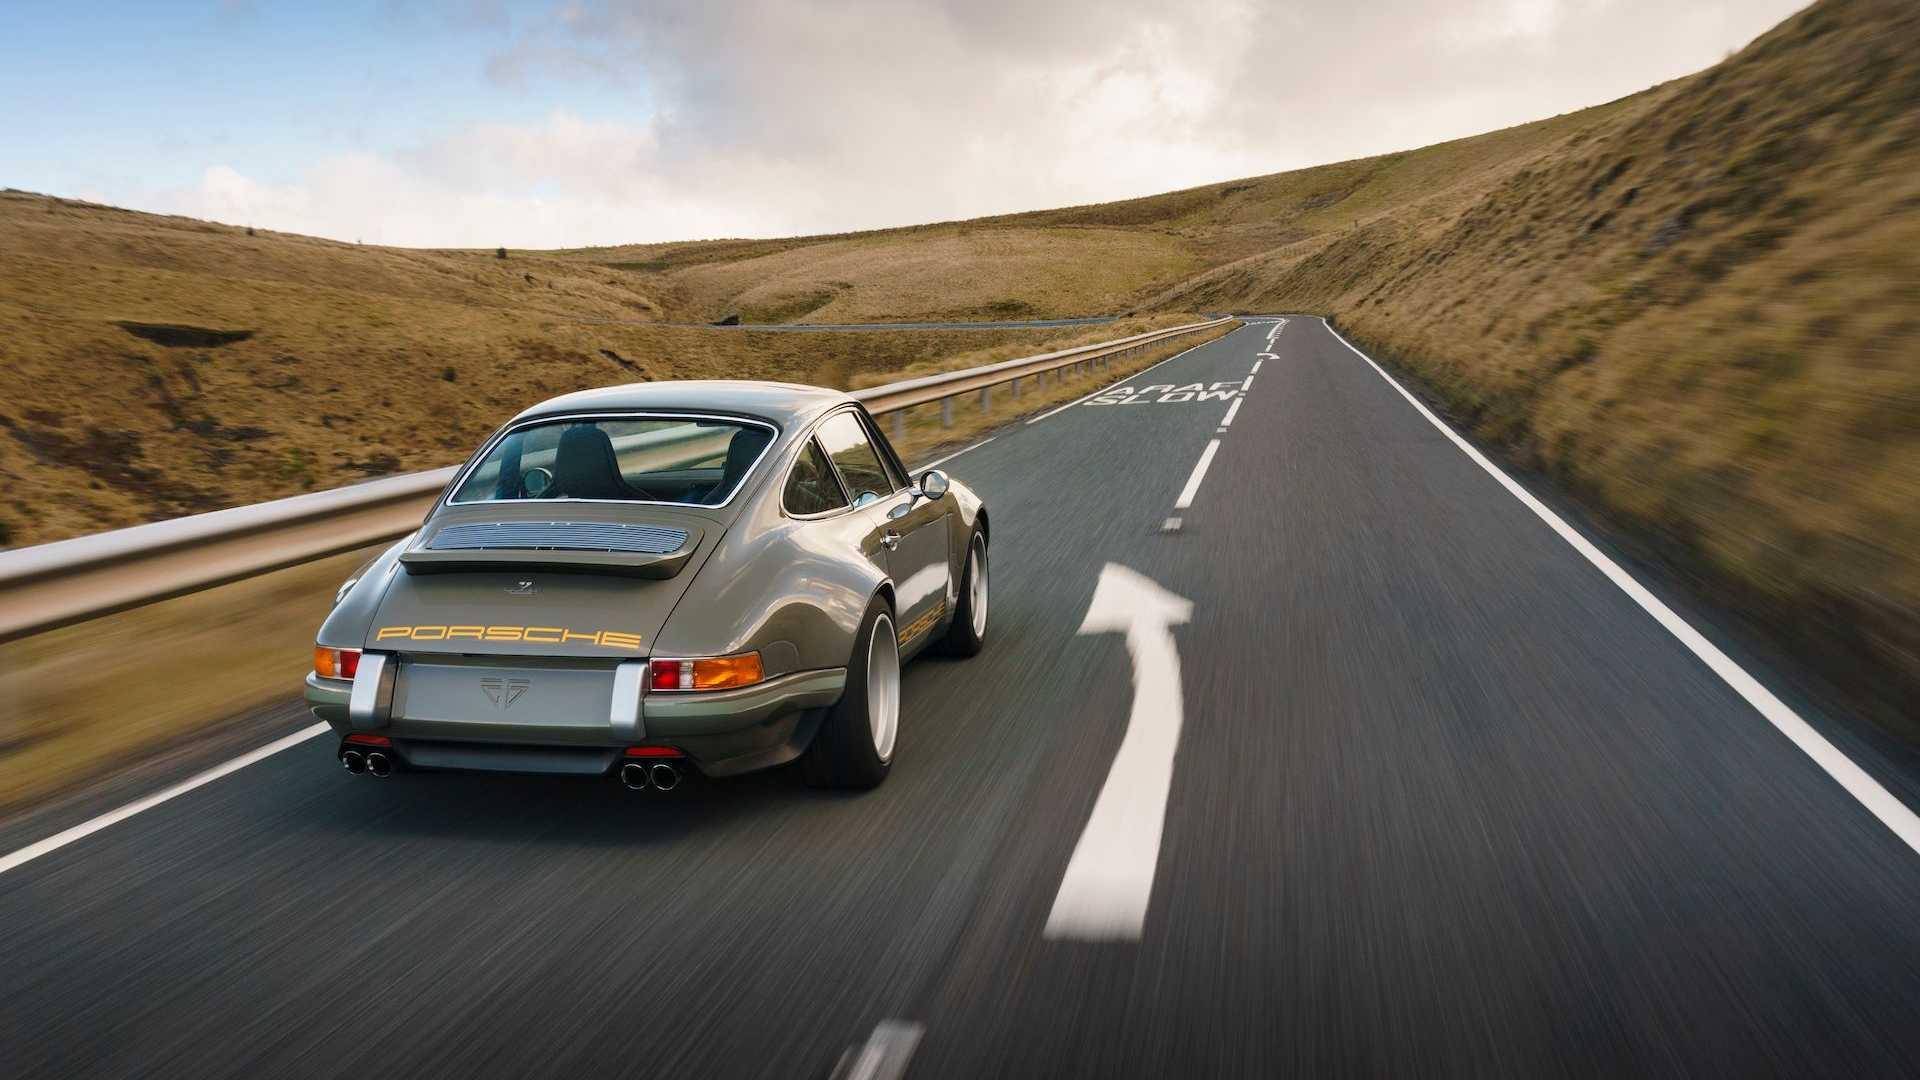 Theon-Design-HK002-Porsche-911-54